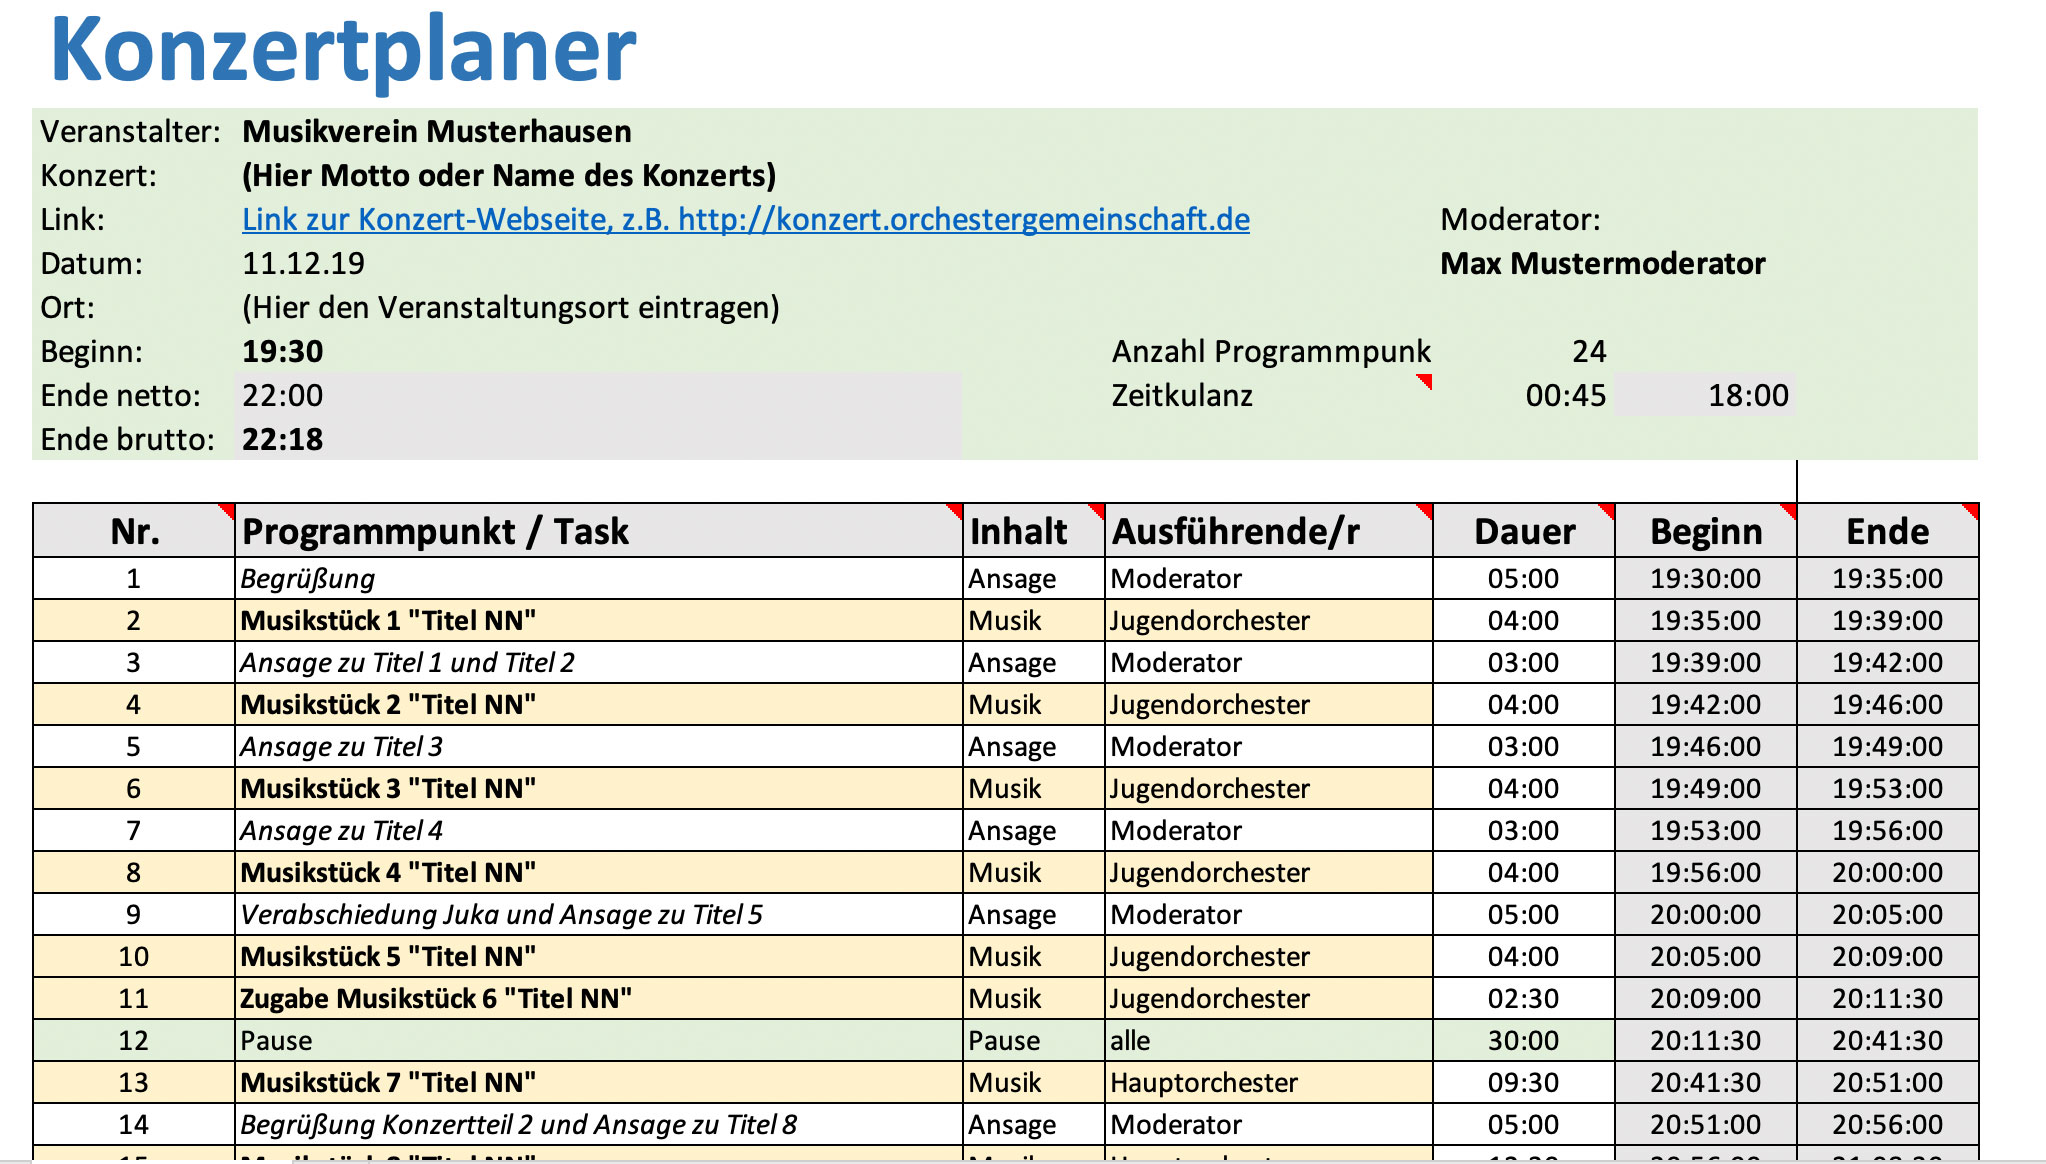 Konzertplaner für Musikvereine und Orchester als Excel Arbeitshilfe zum Gratis Download von Michael Schönstein